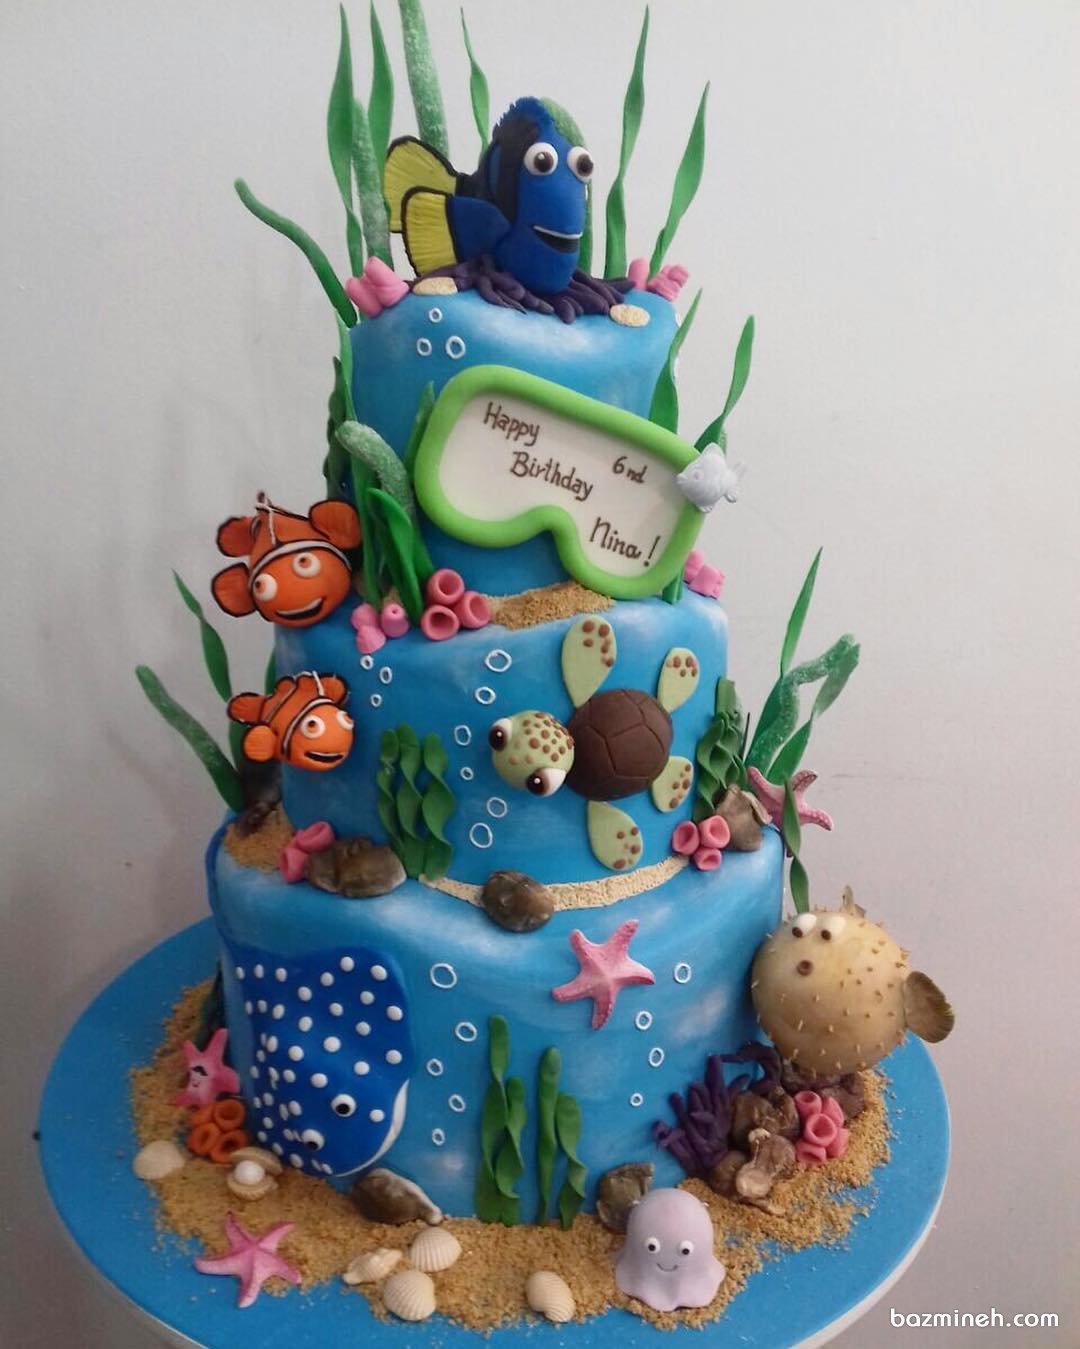 کیک چند طبقه فوندانت جشن تولد کودک با تم نمو (Nemo)